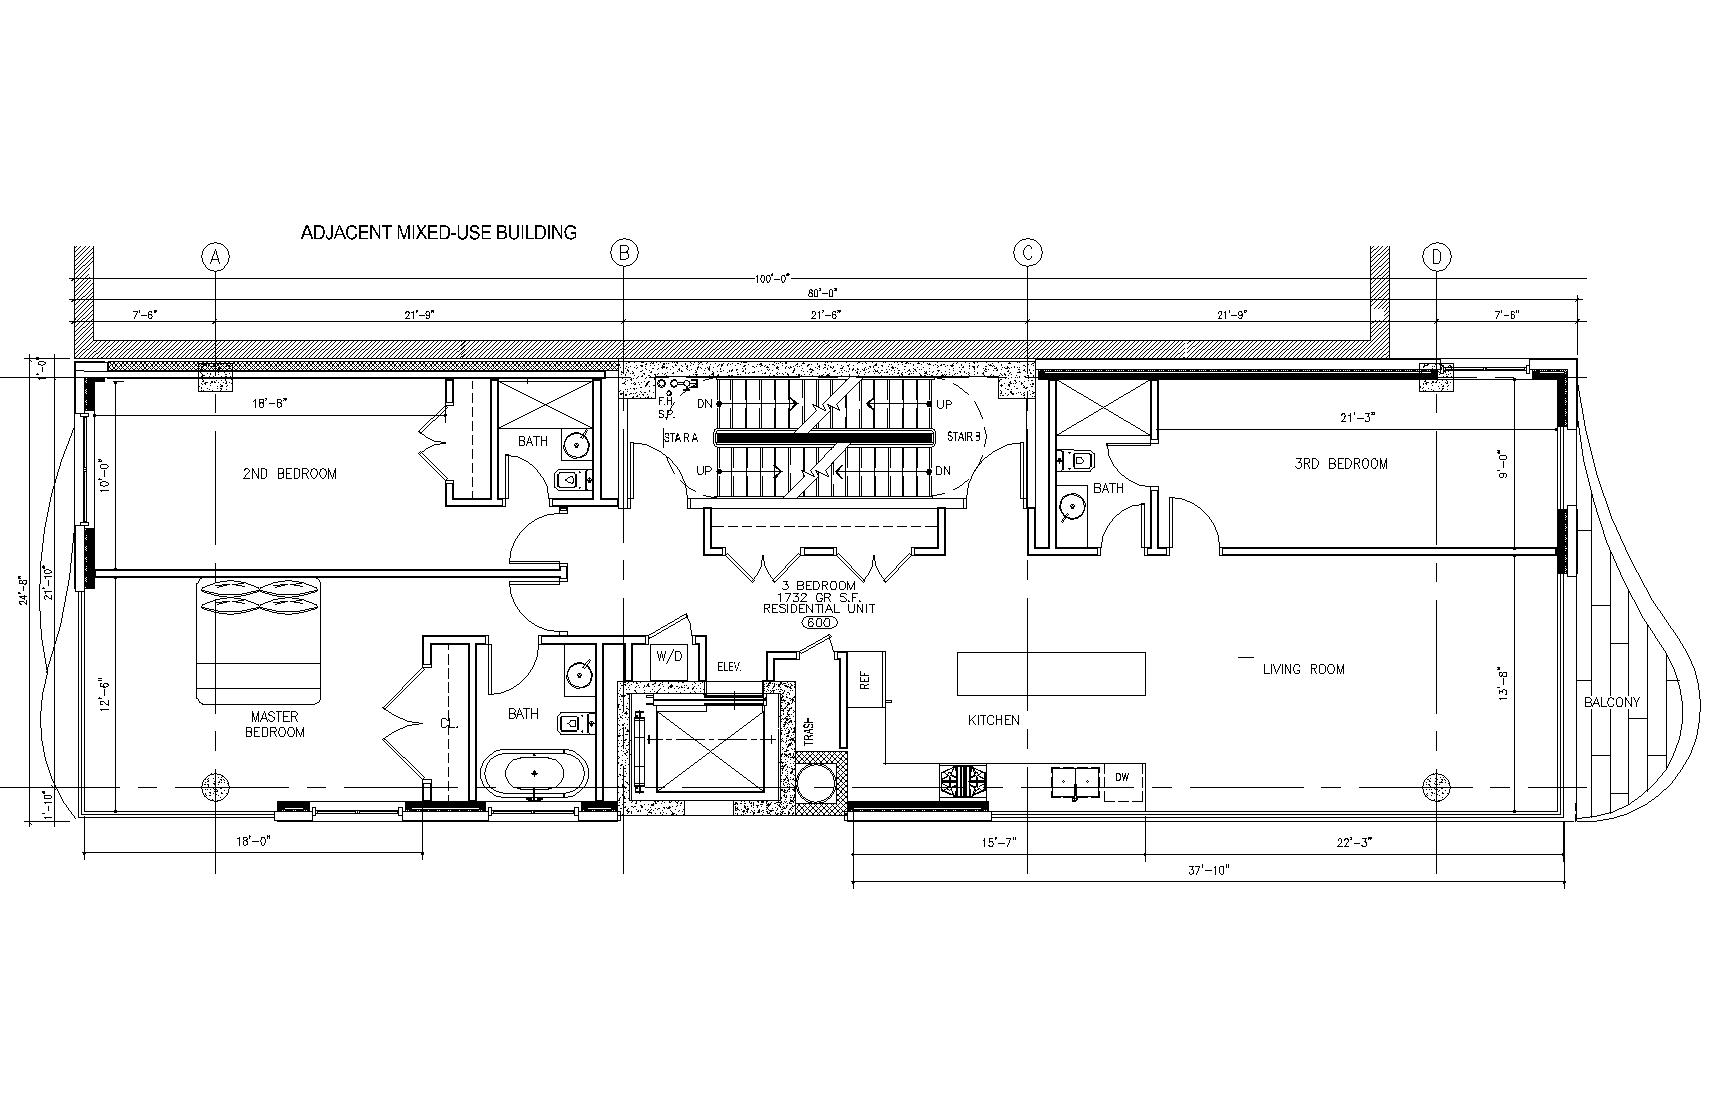 0-235 10th Ave-Plans-Model.jpg